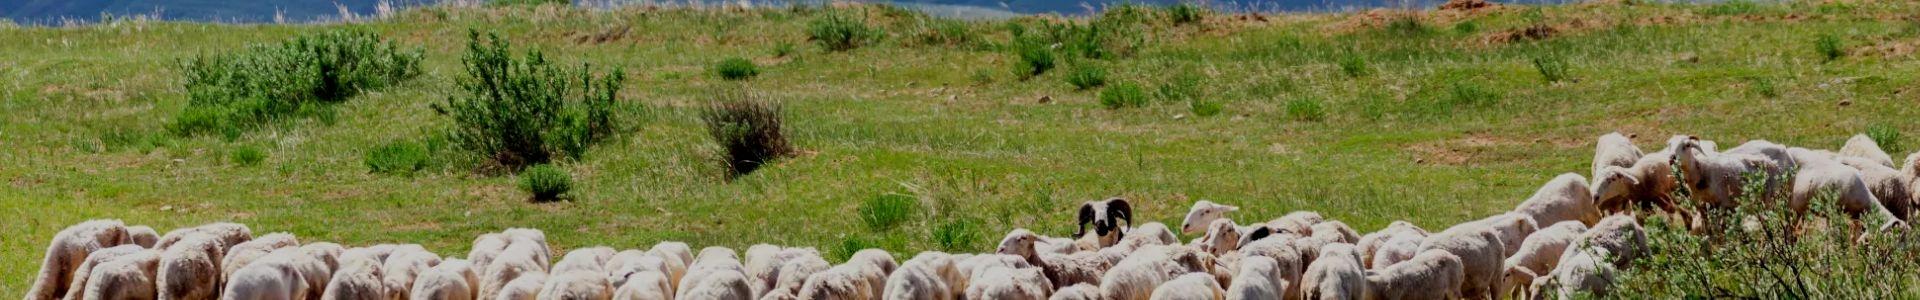 飼料,青海飼料,牛羊飼料